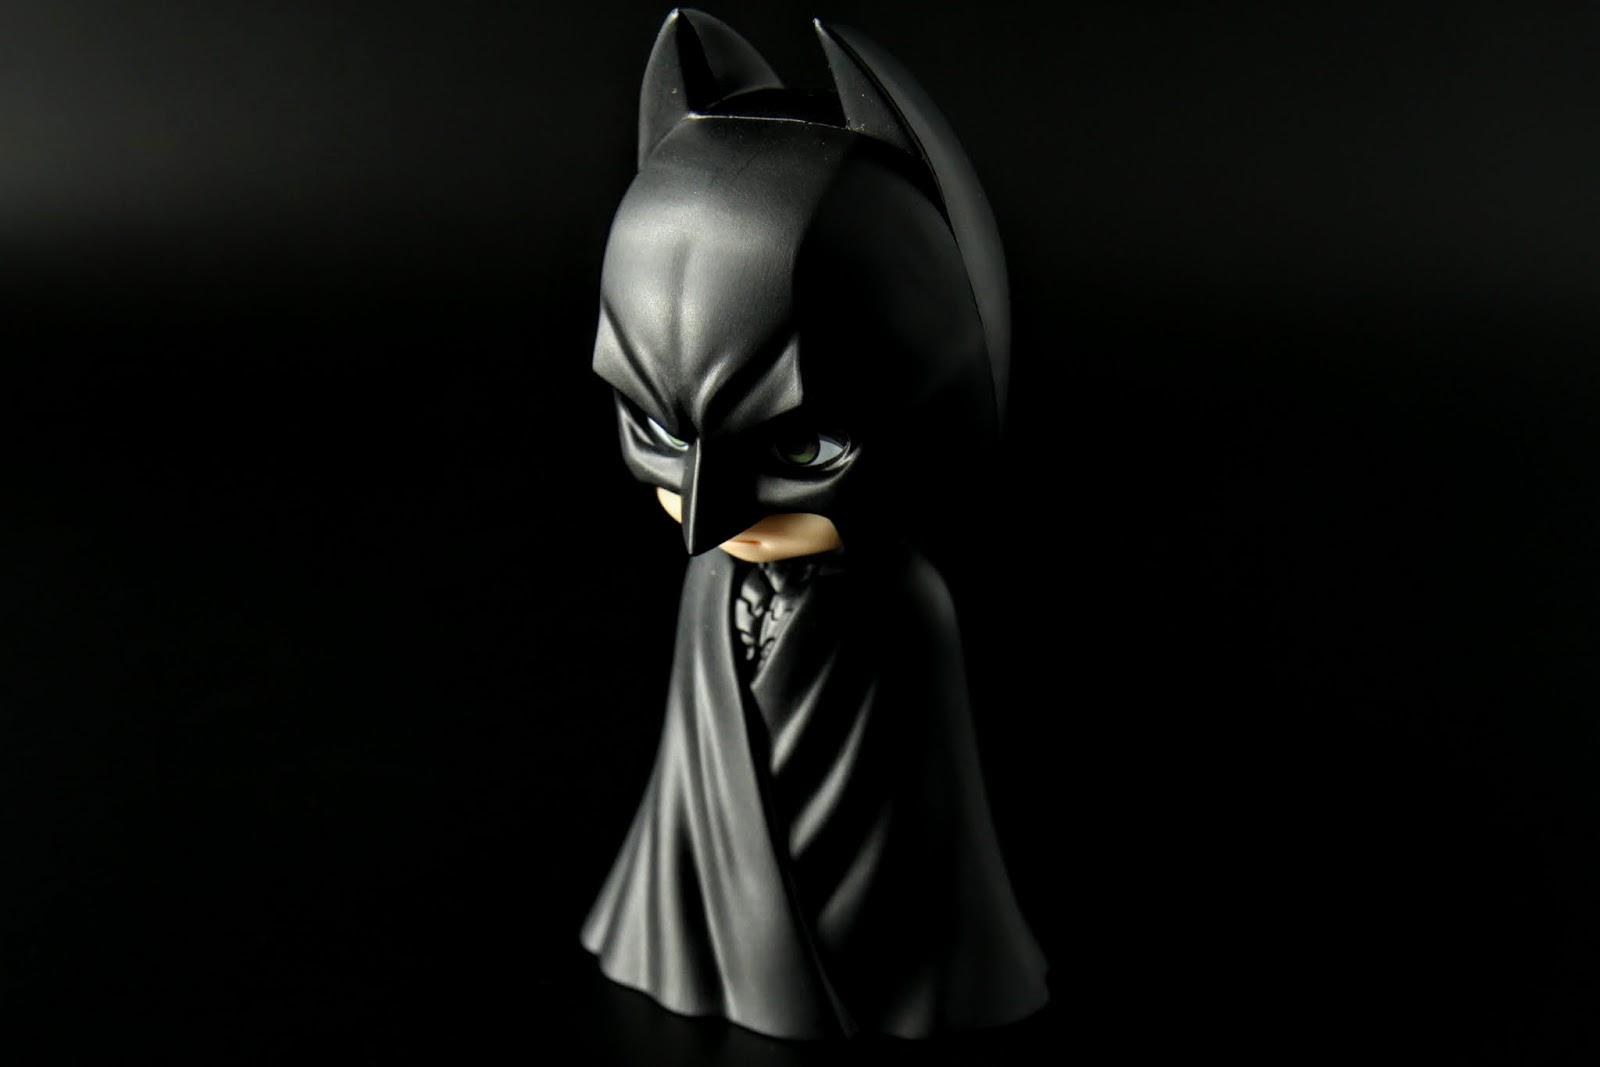 另有附披風包裹版,是說我小時候就是看蝙蝠俠卡通他用披風把身體包起來這樣超級帥的而喜歡蝙蝠俠